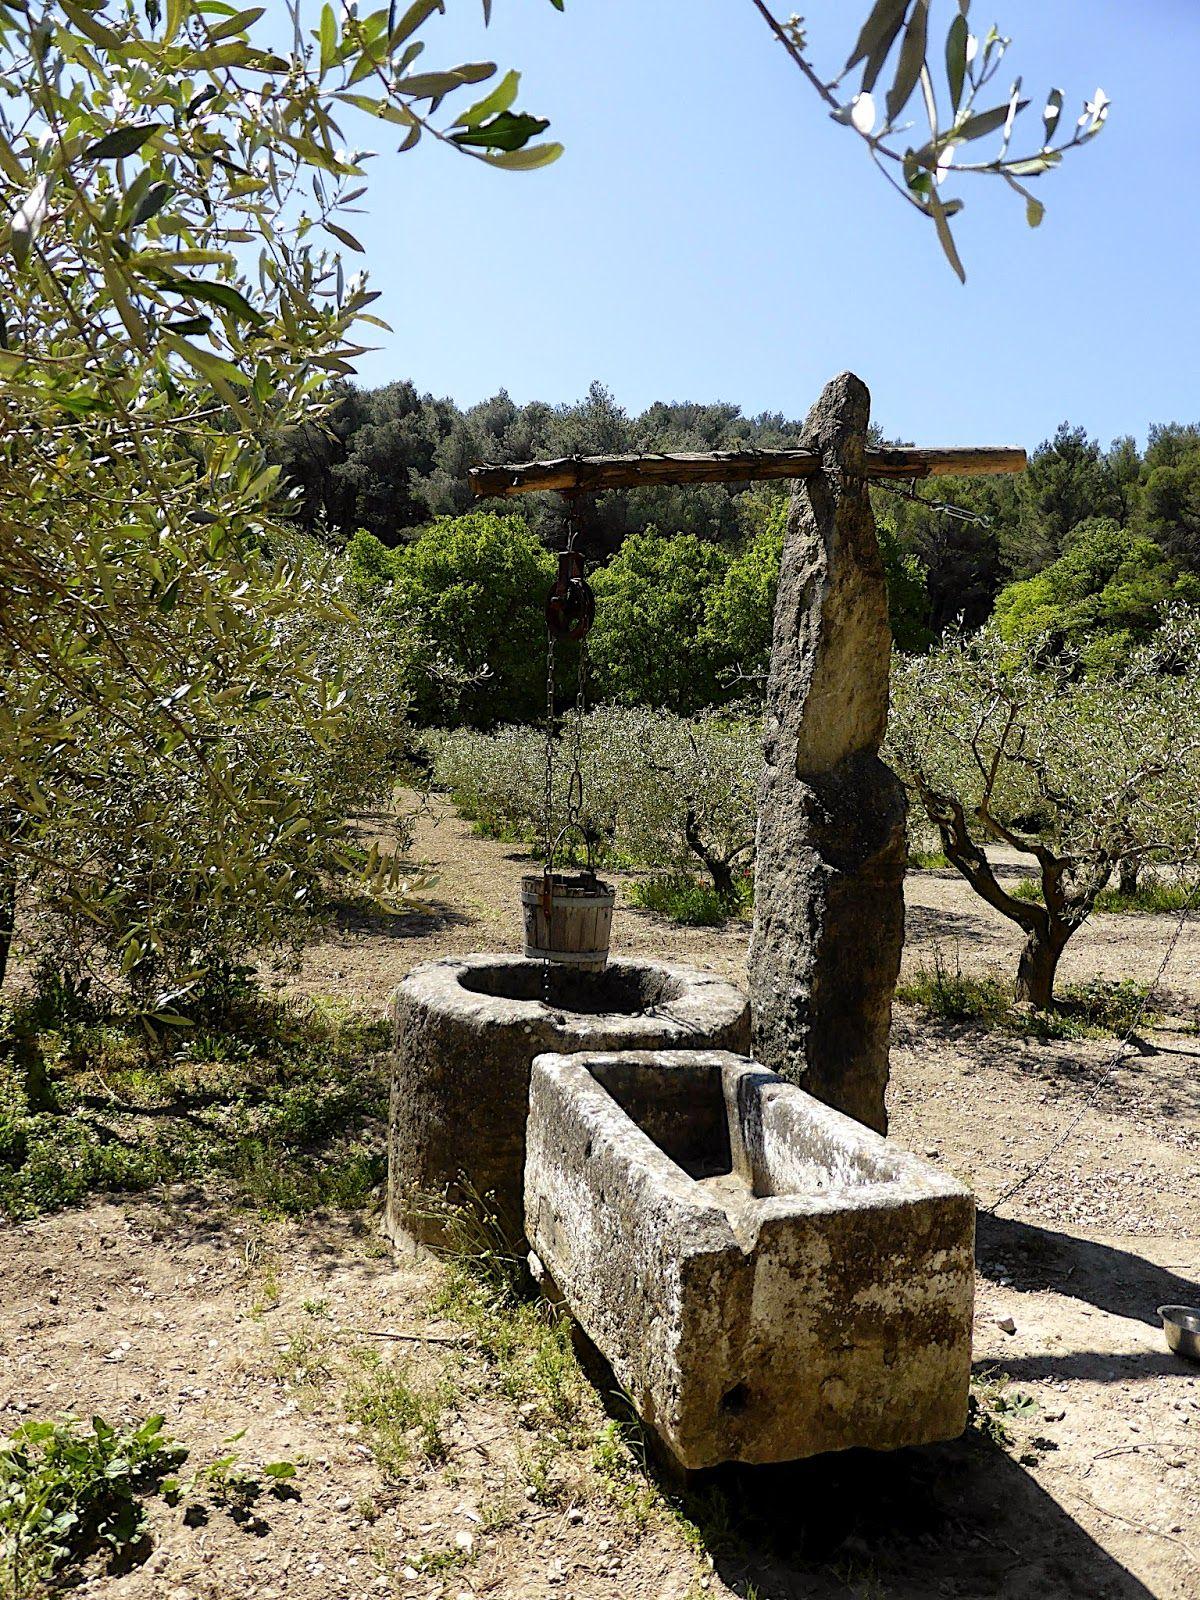 Mas Provencal A Vendre En Camargue manon 21: la provence comme au temps de pagnol | fontaines